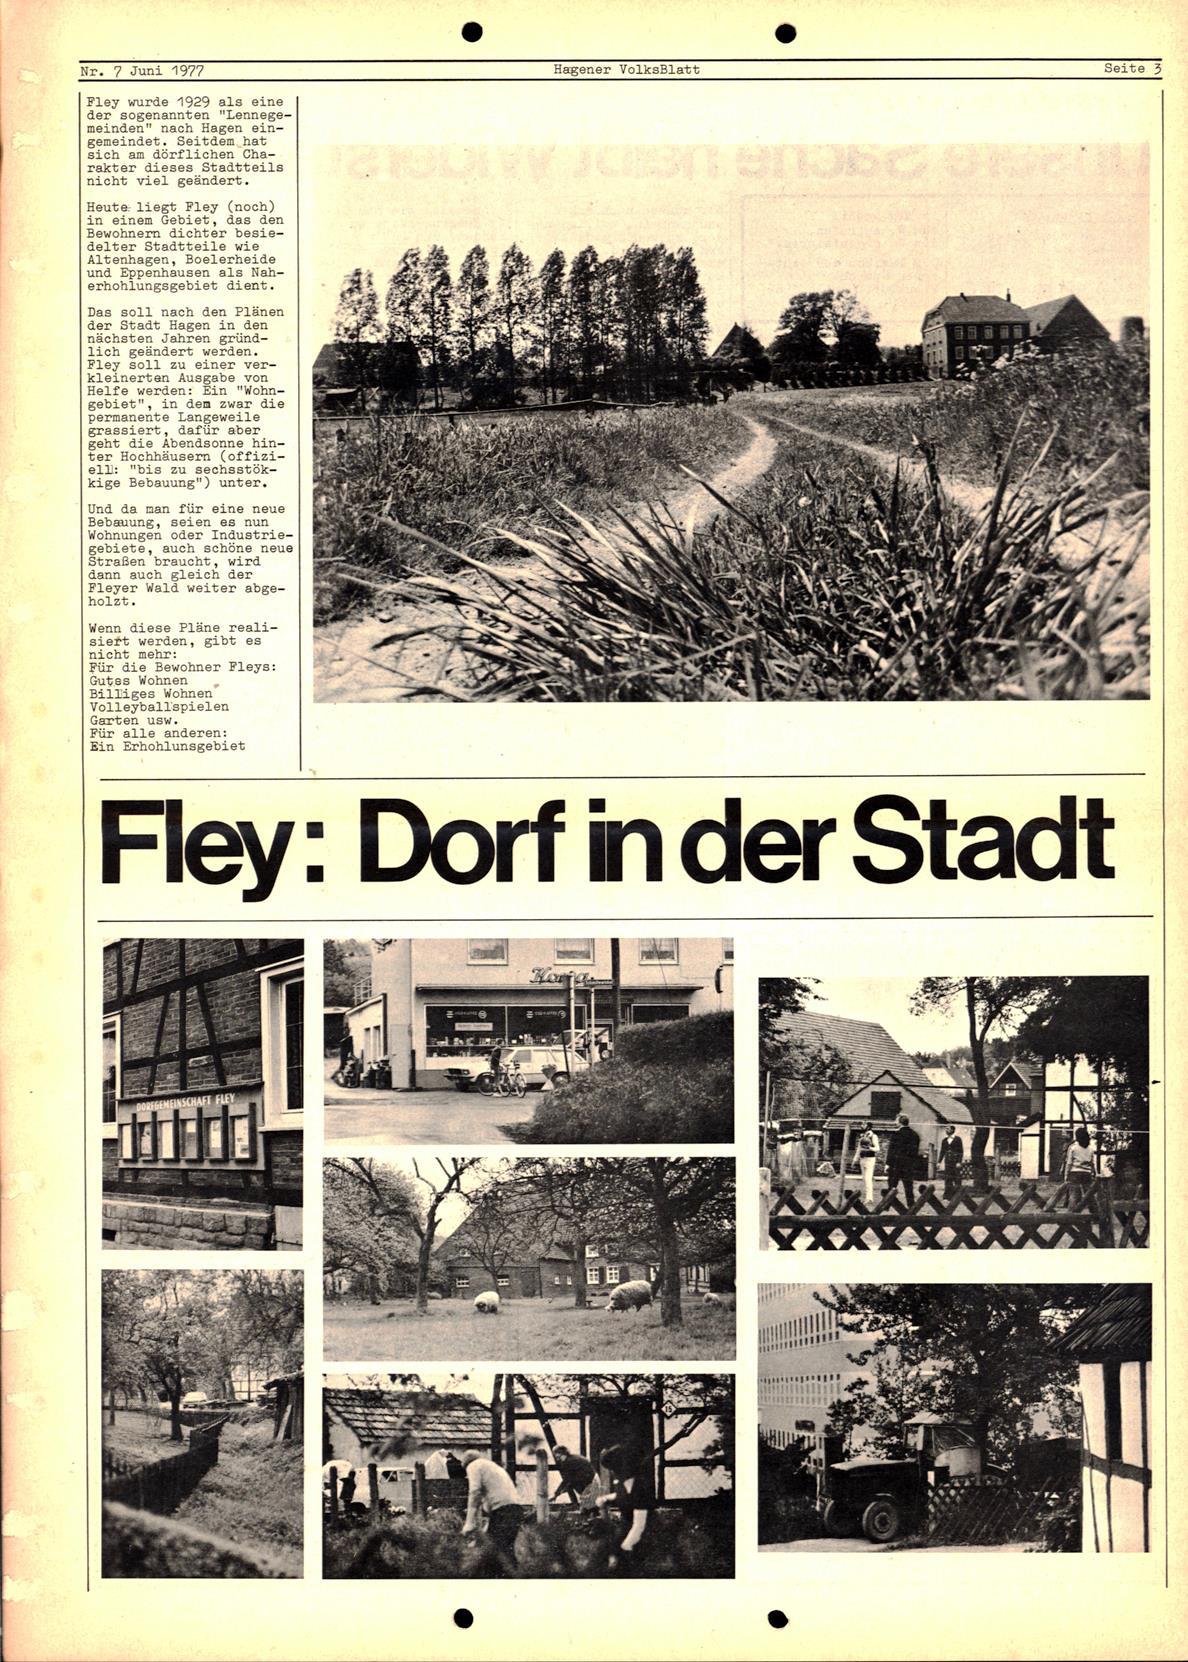 Hagen_Volksblatt_19770600_03